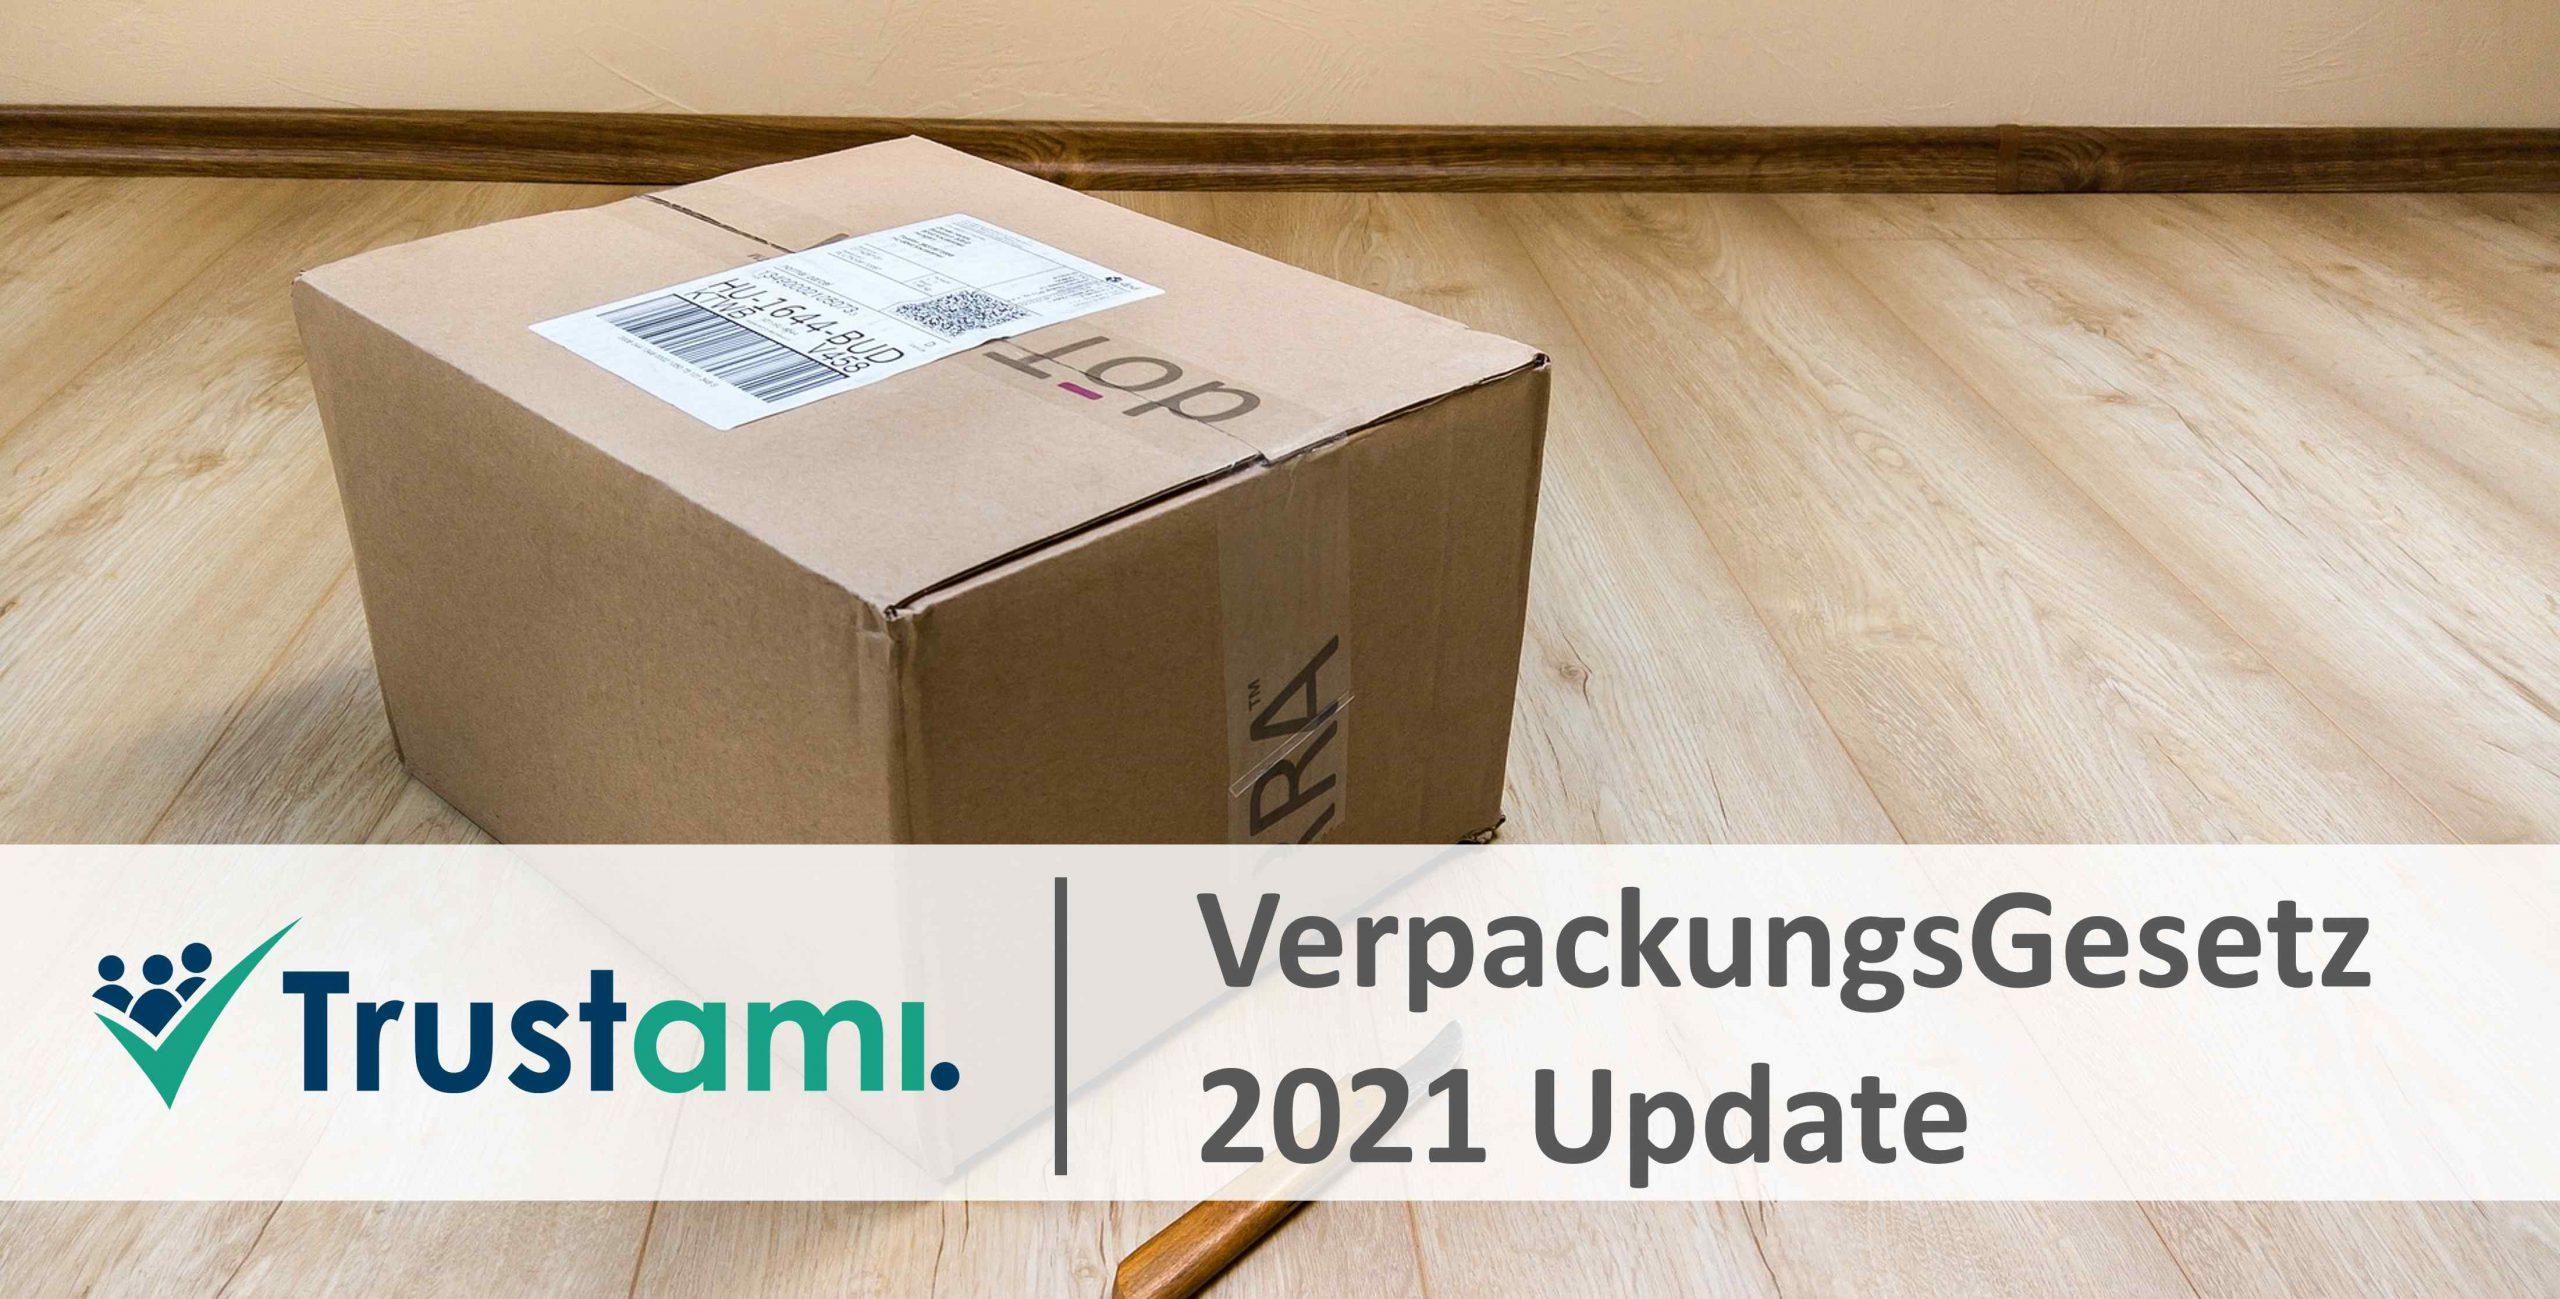 Verpackungsgesetz 2021